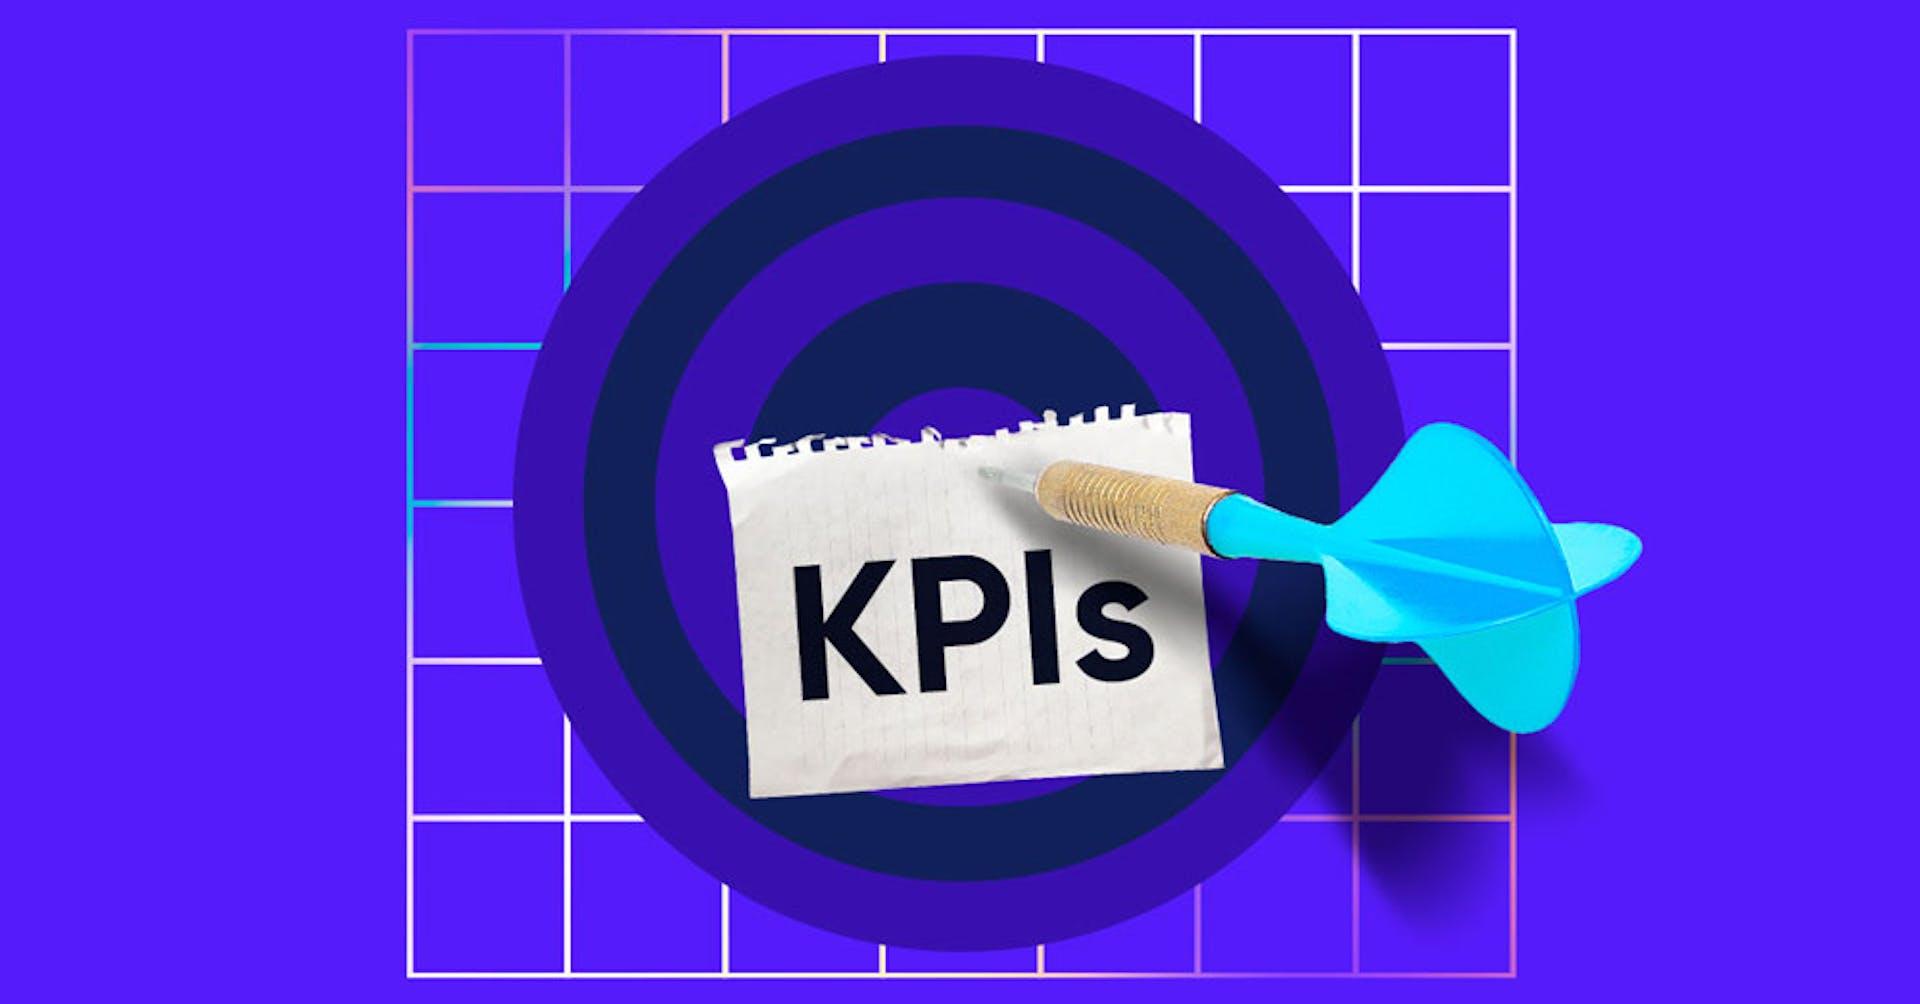 KPI's ¿Qué son, dónde los encuentro y para qué me sirven? La guía 2021